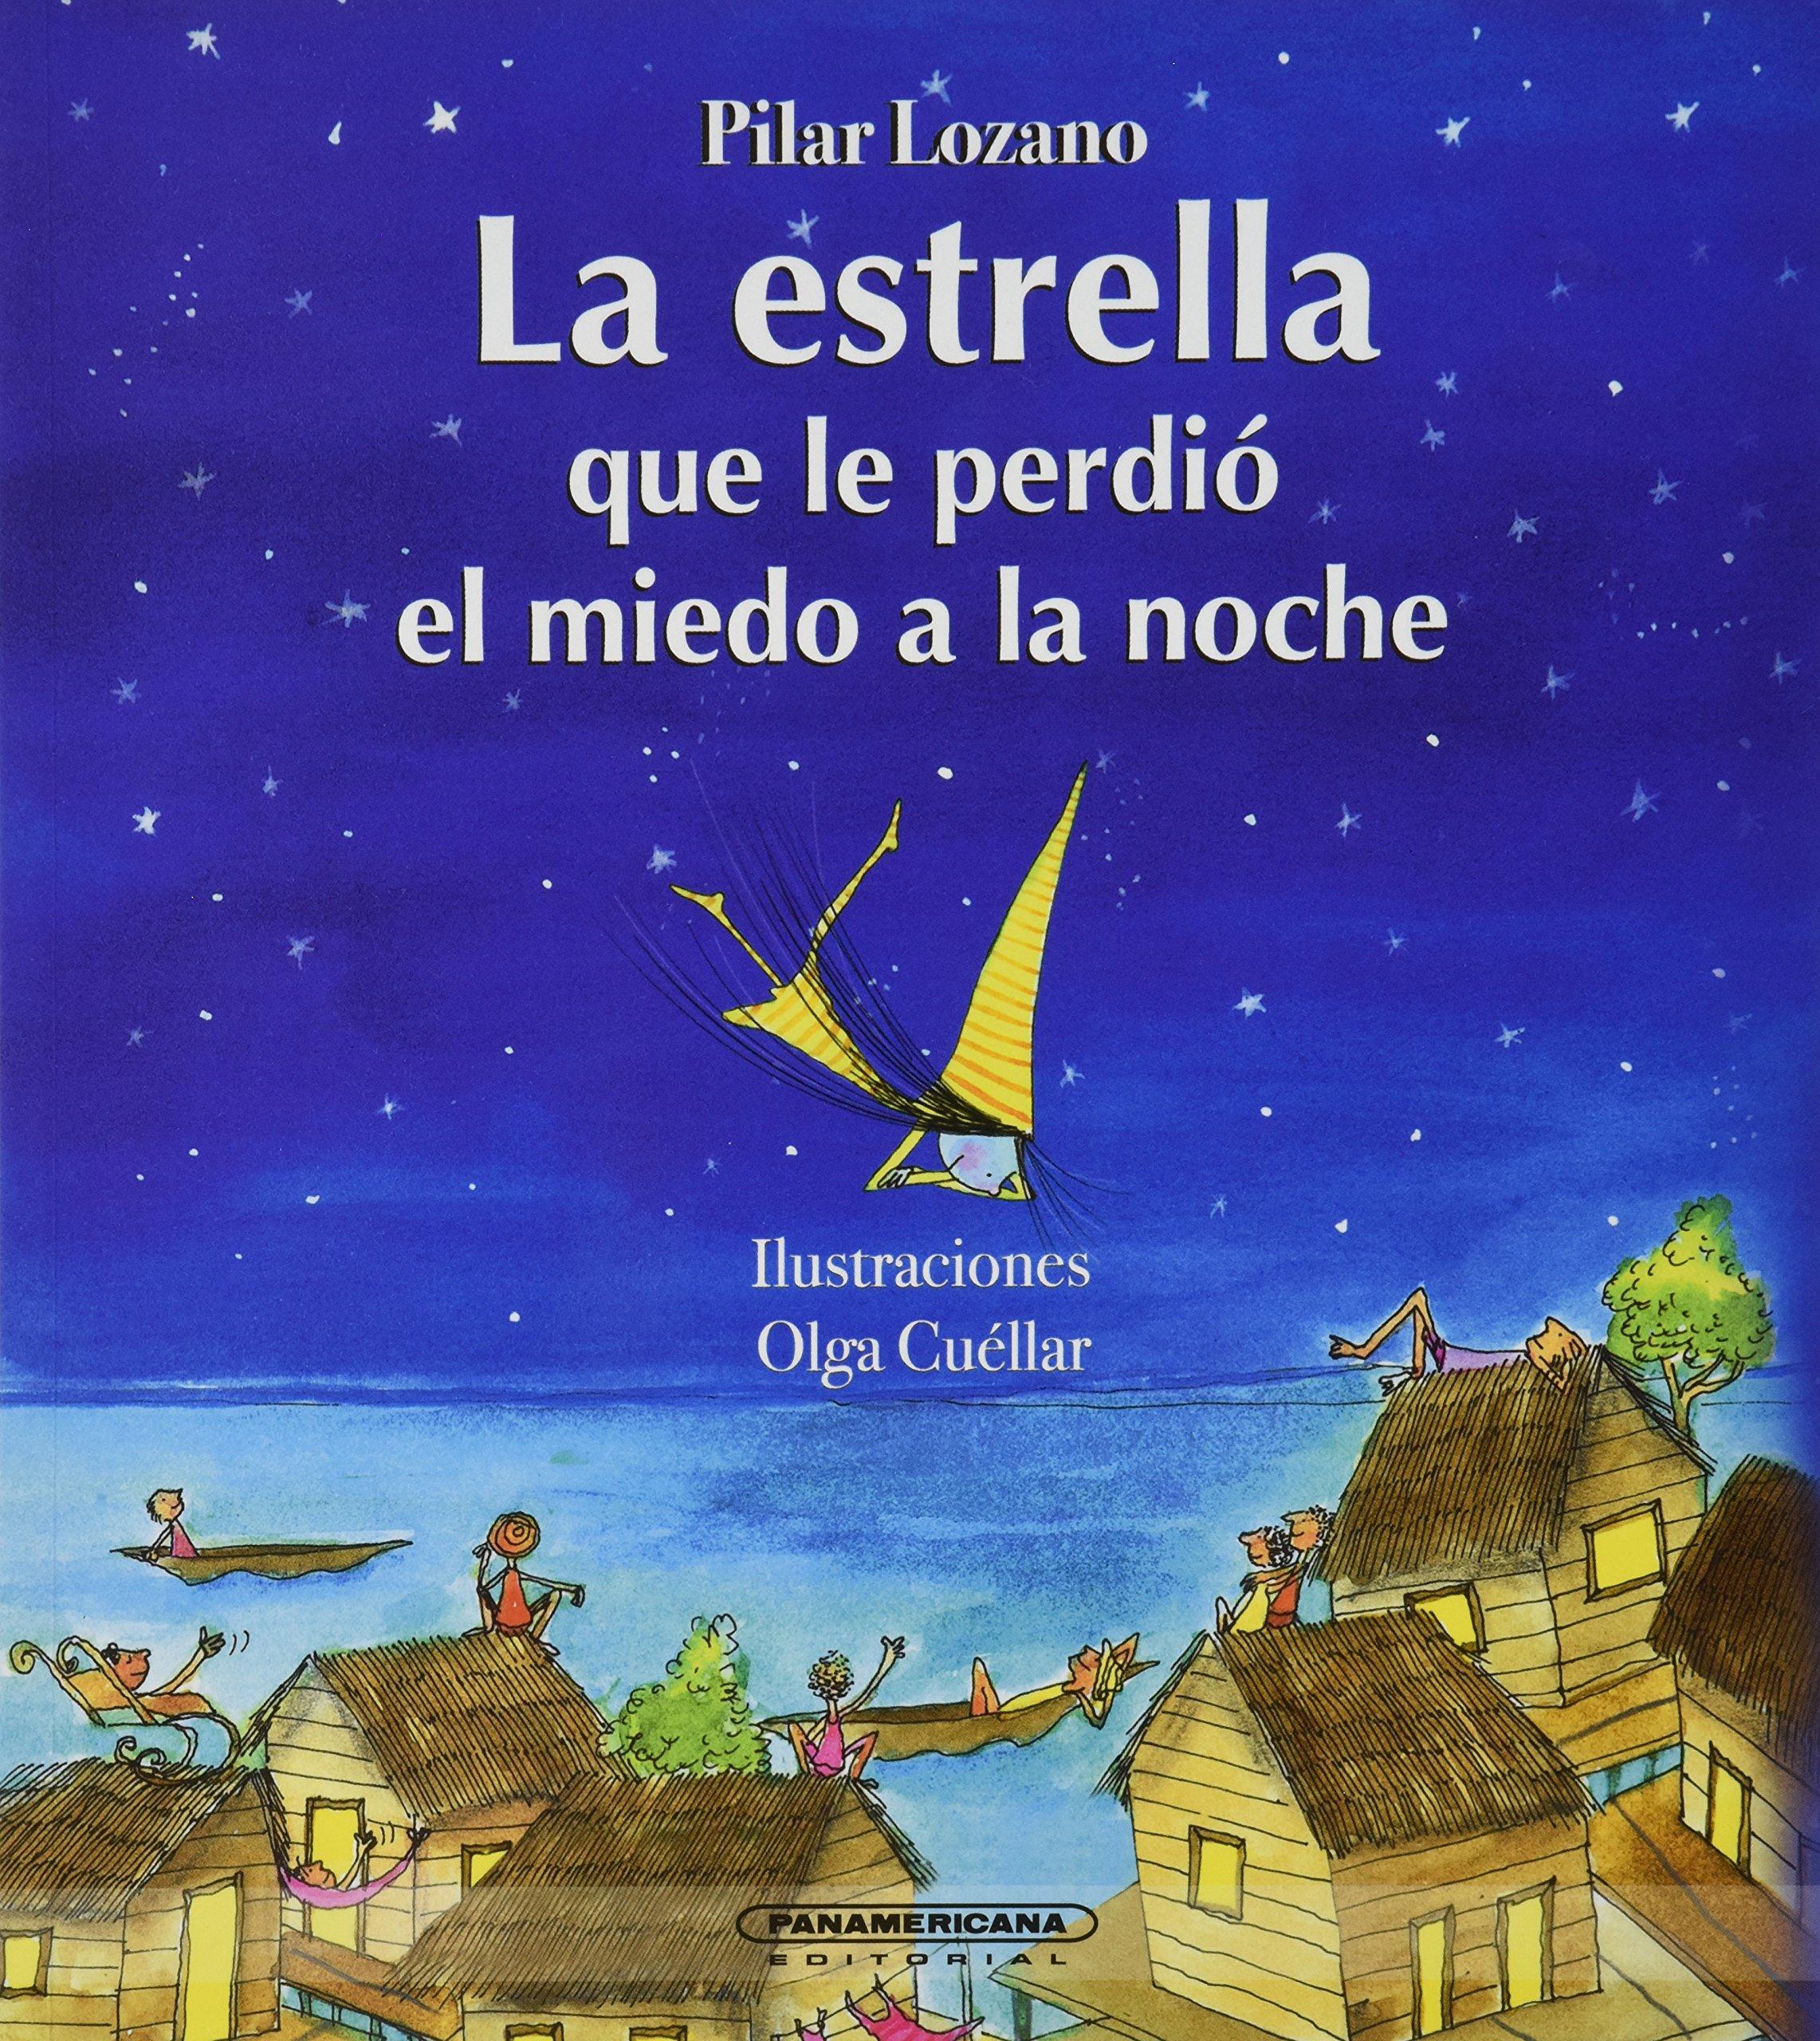 La estrella que le perdio el miedo a la noche (Spanish Edition): Pilar Lozano, Olga Cuellar: 9789583007743: Amazon.com: Books